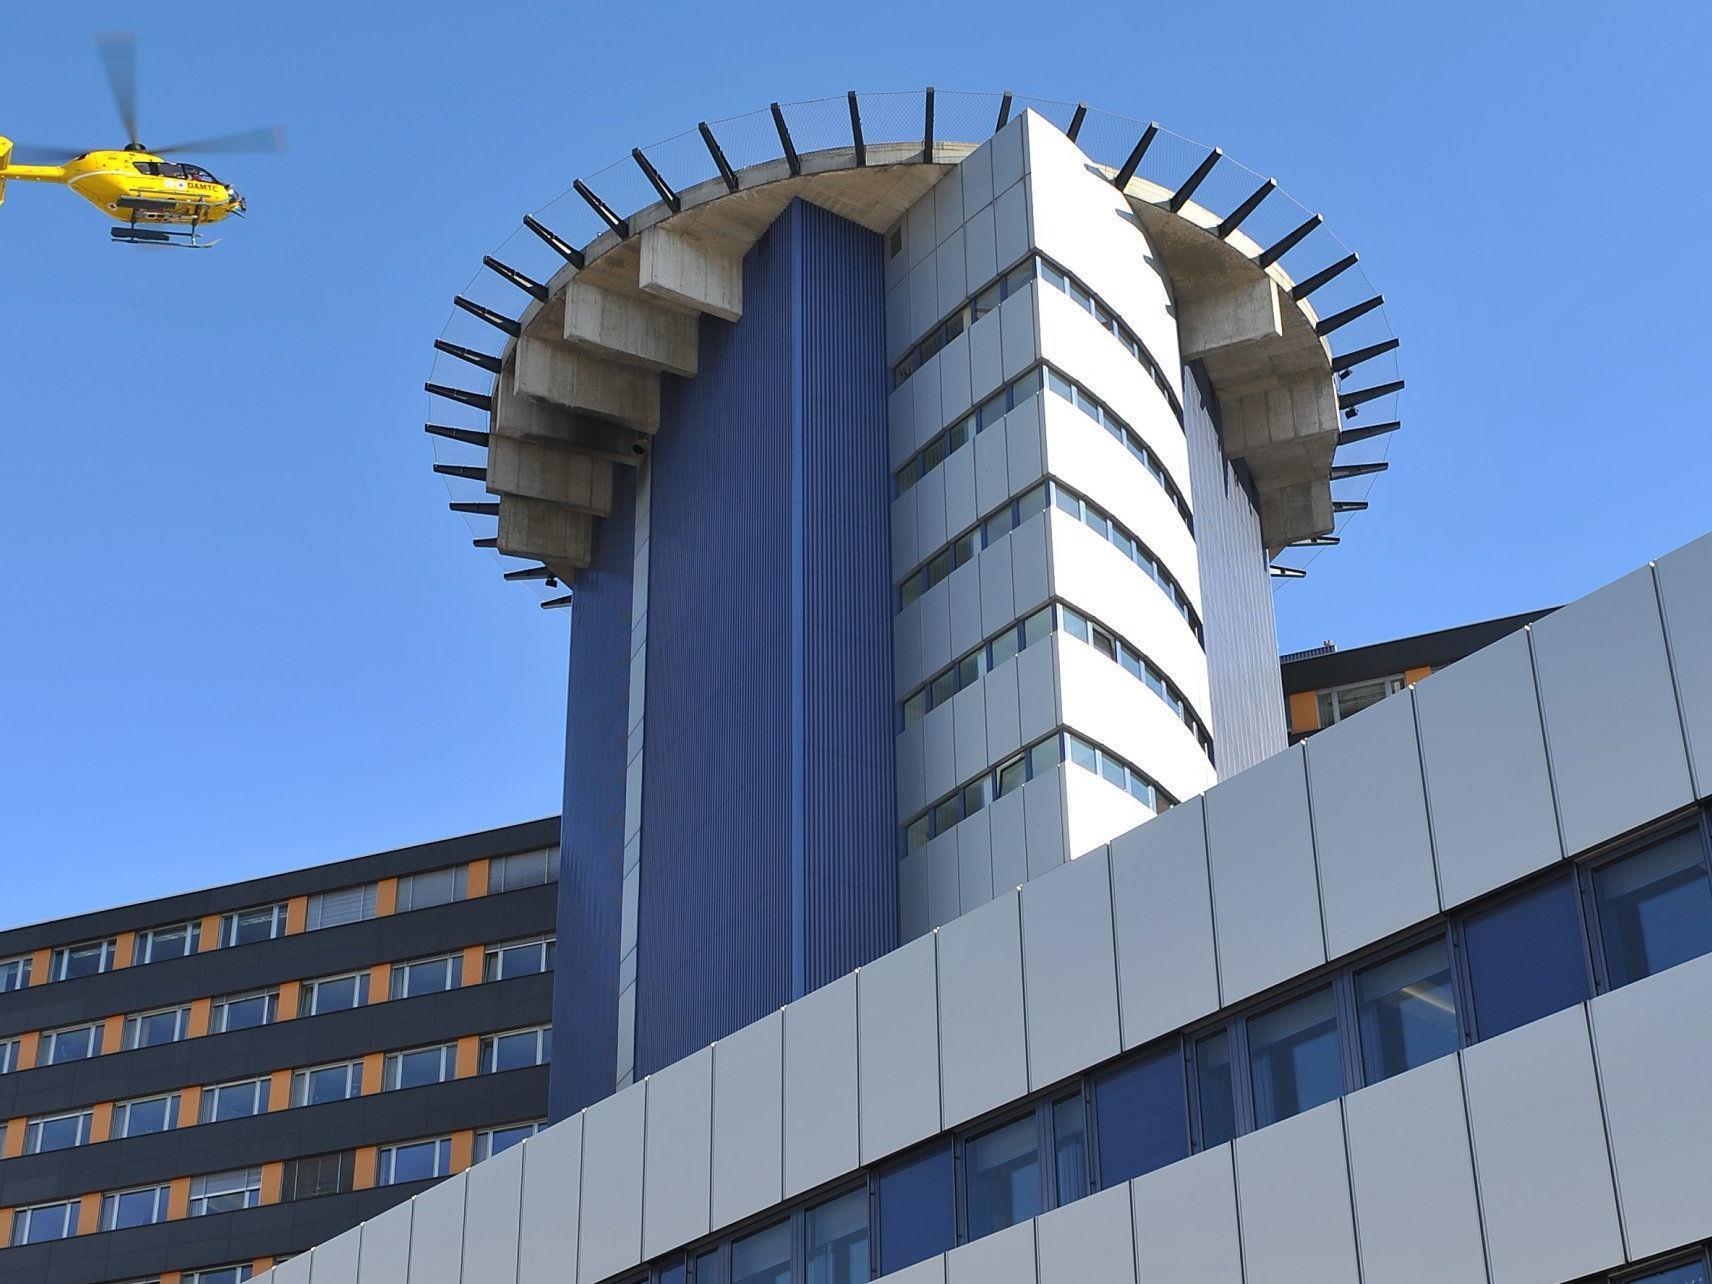 Das Urlauberkind wurde mit einem Notarzthubschrauber in die Innsbrucker Klinik geflogen.